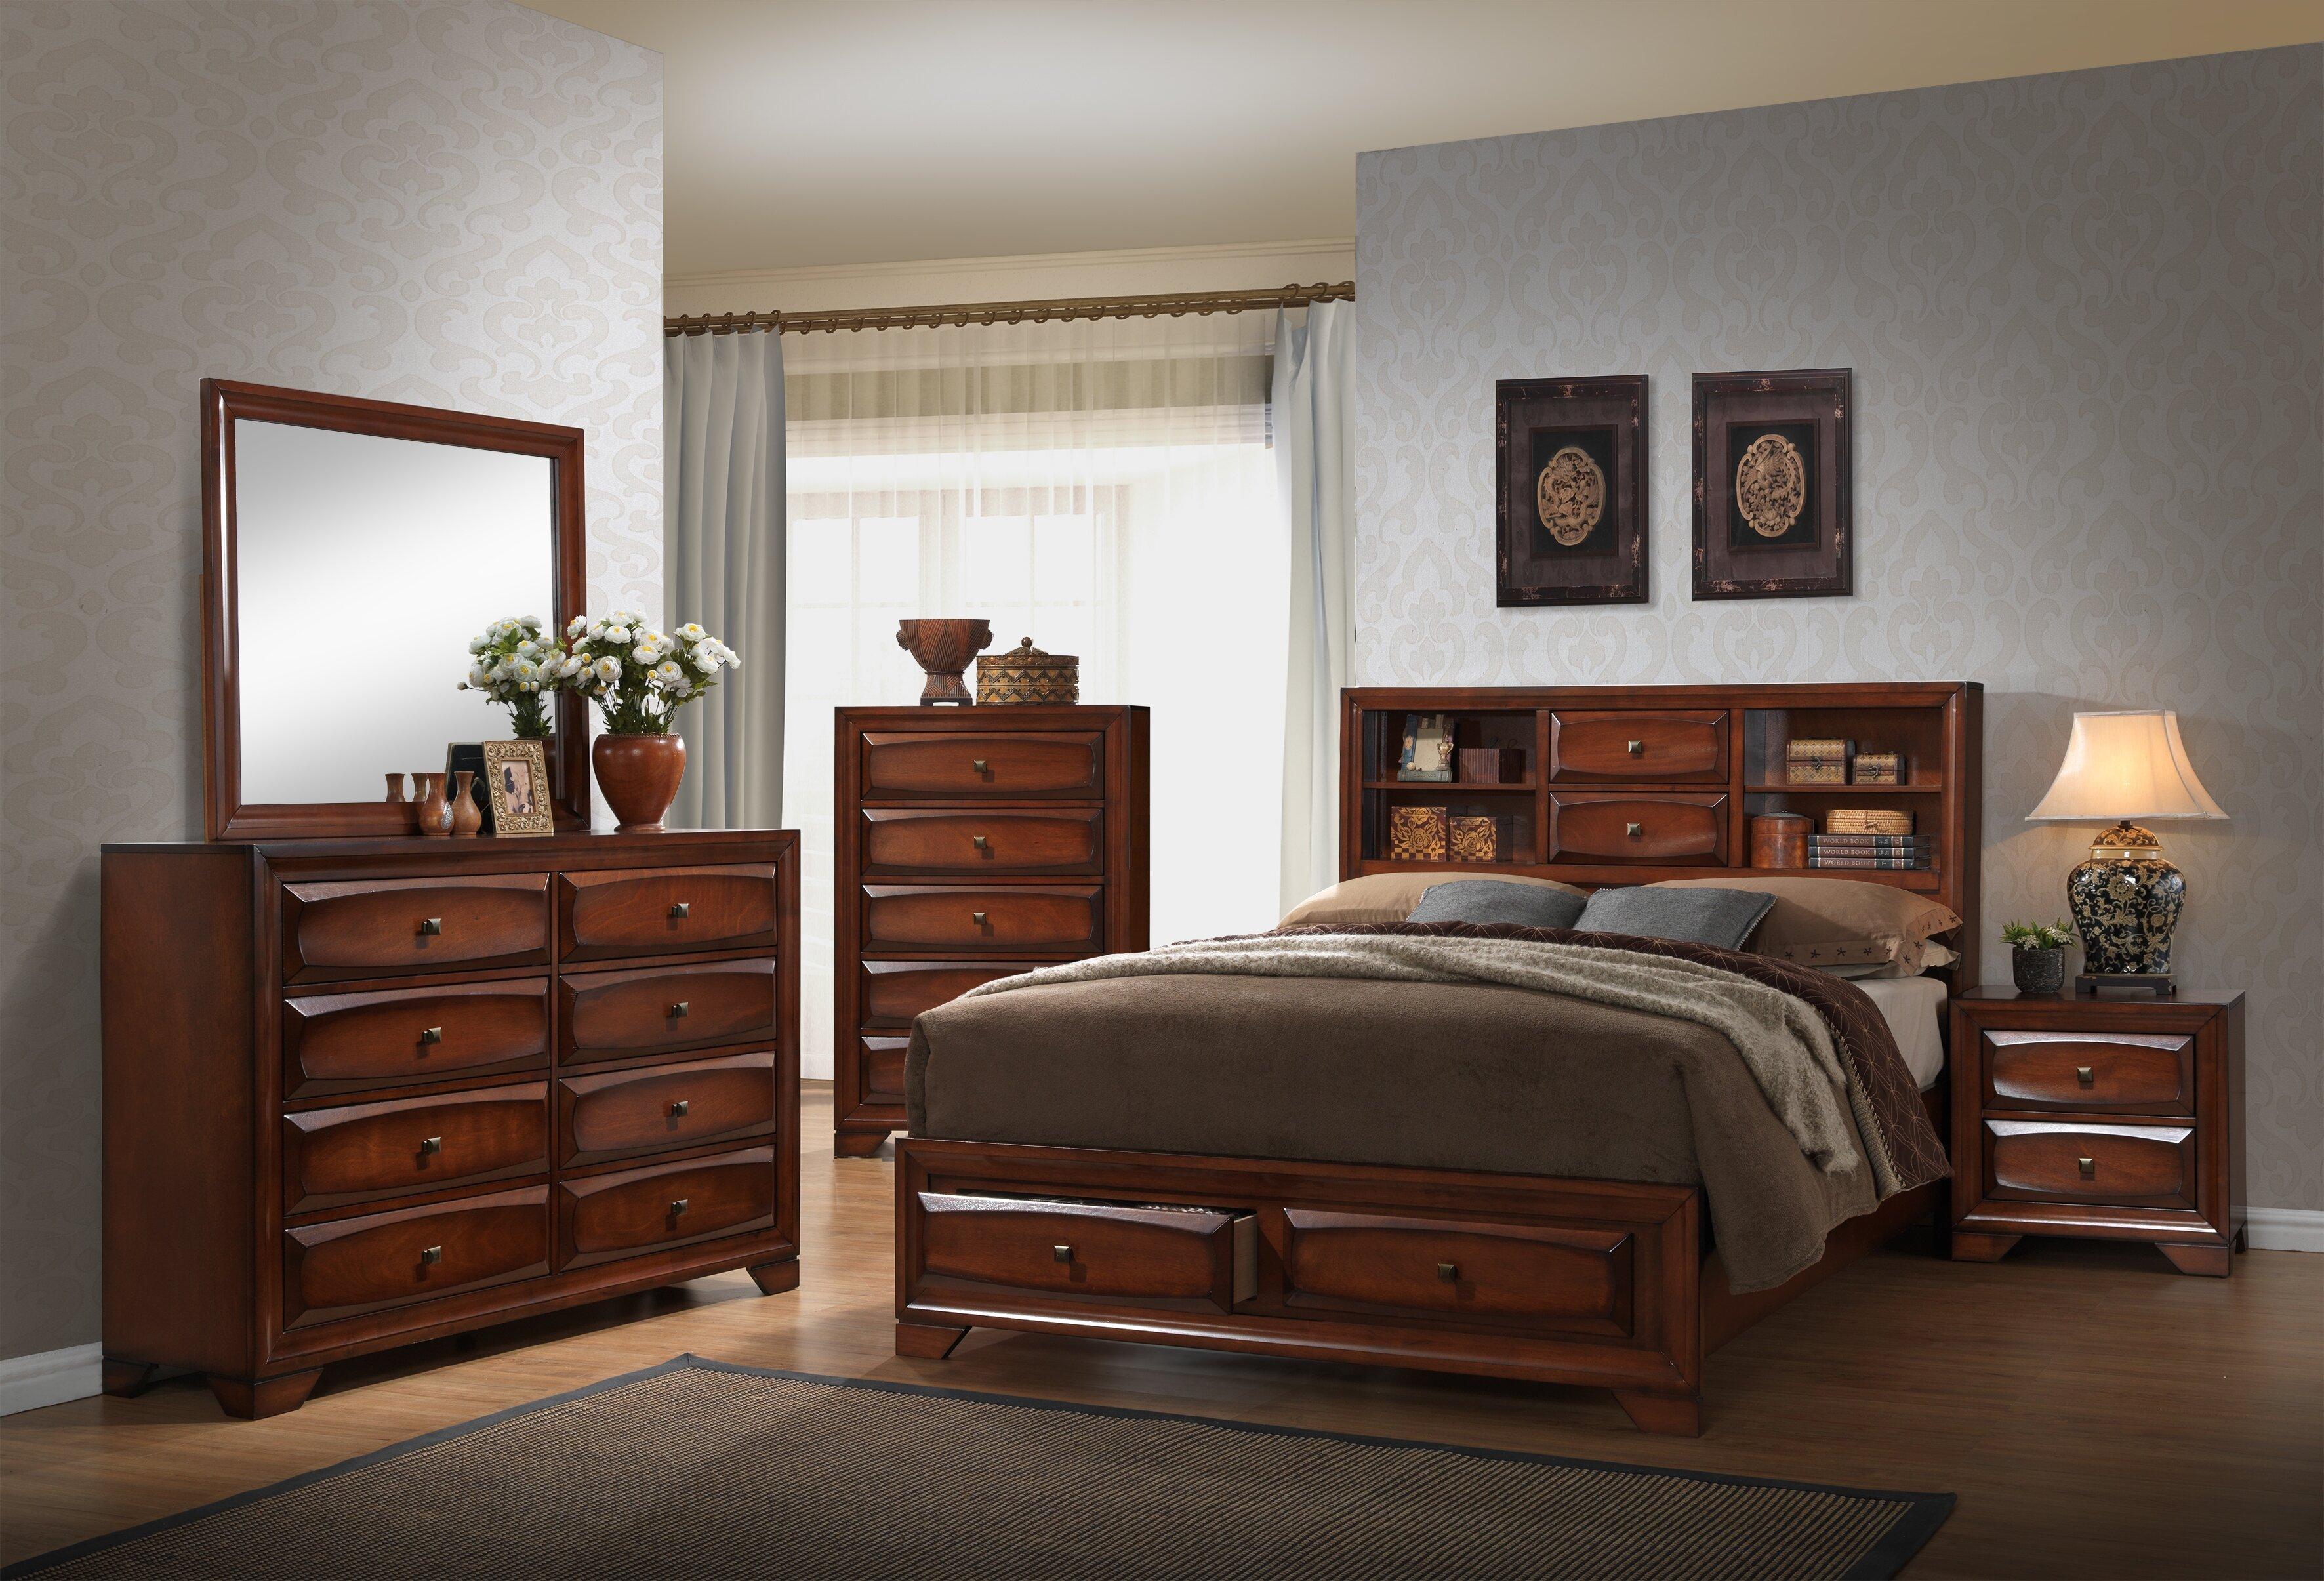 Winston Porter Granite Queen Platform 5 Piece Bedroom Set | Wayfair